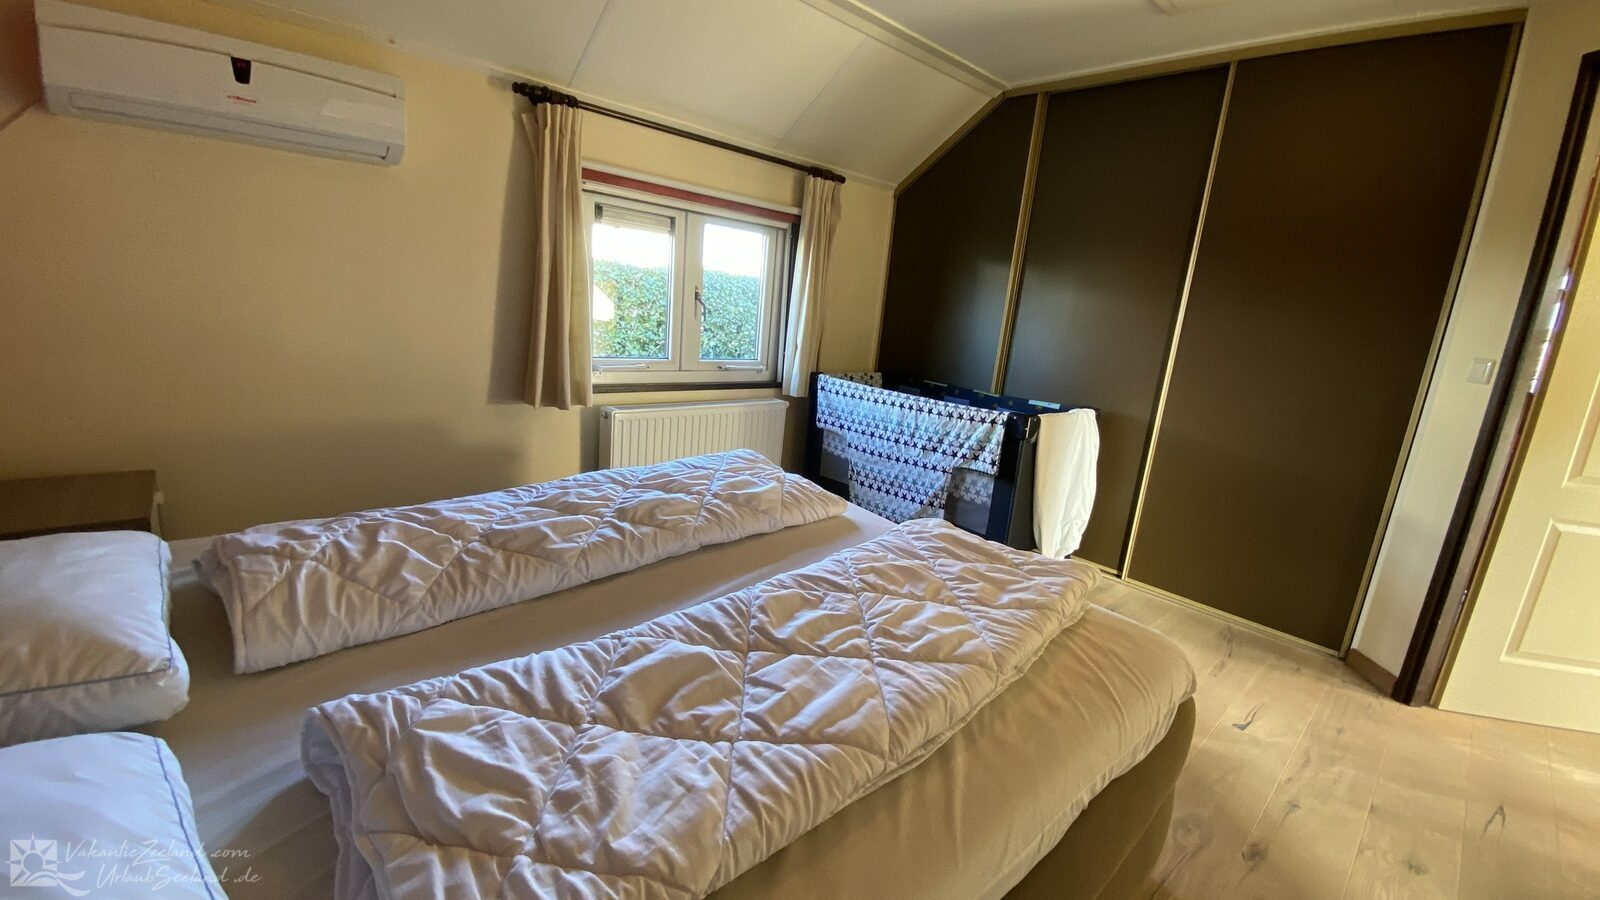 VZ942 Vakantiechalet in Sint-Annaland